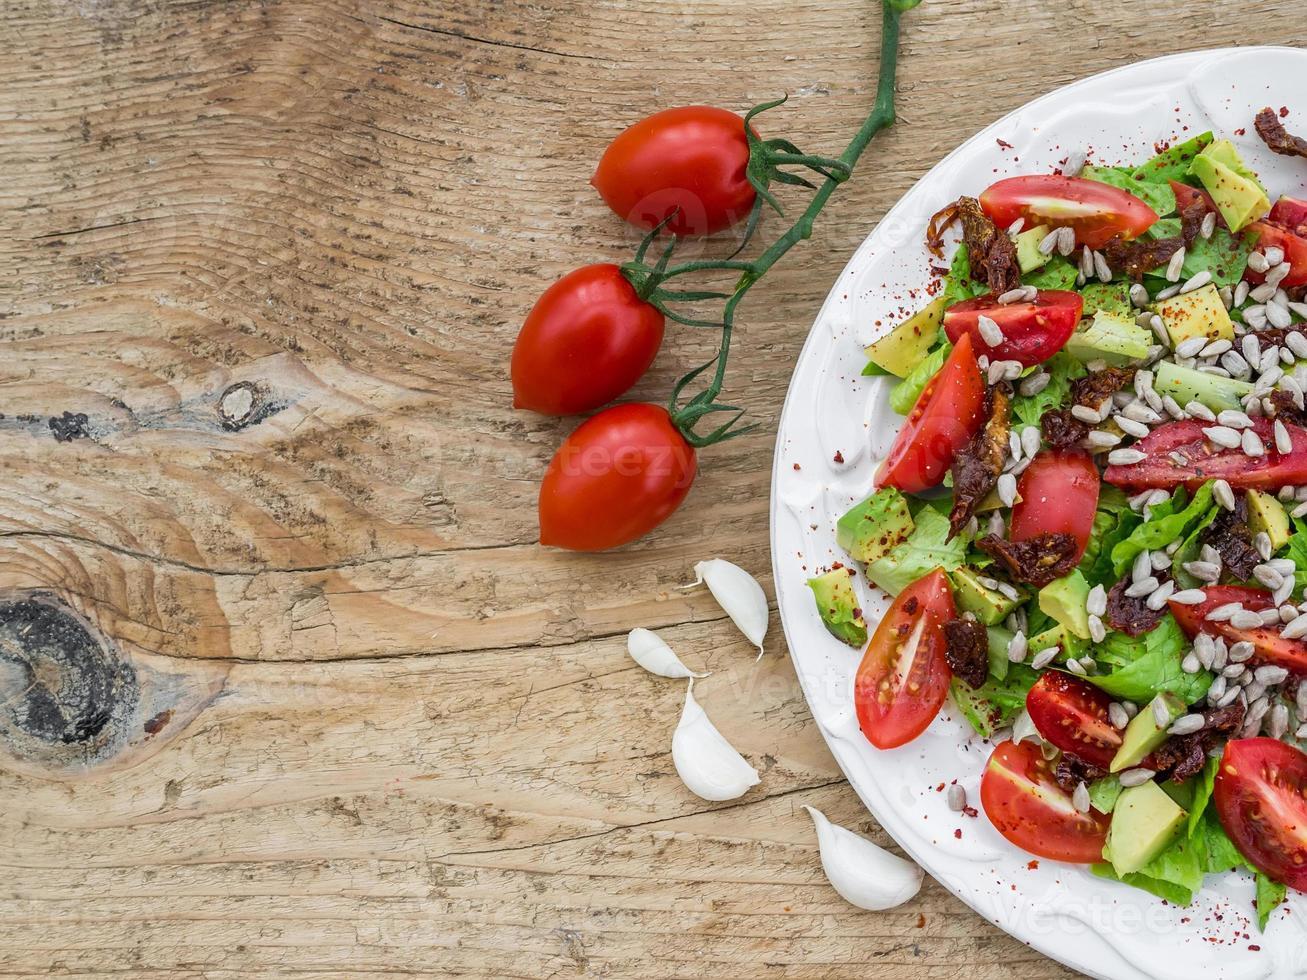 salada de legumes em uma mesa de madeira foto